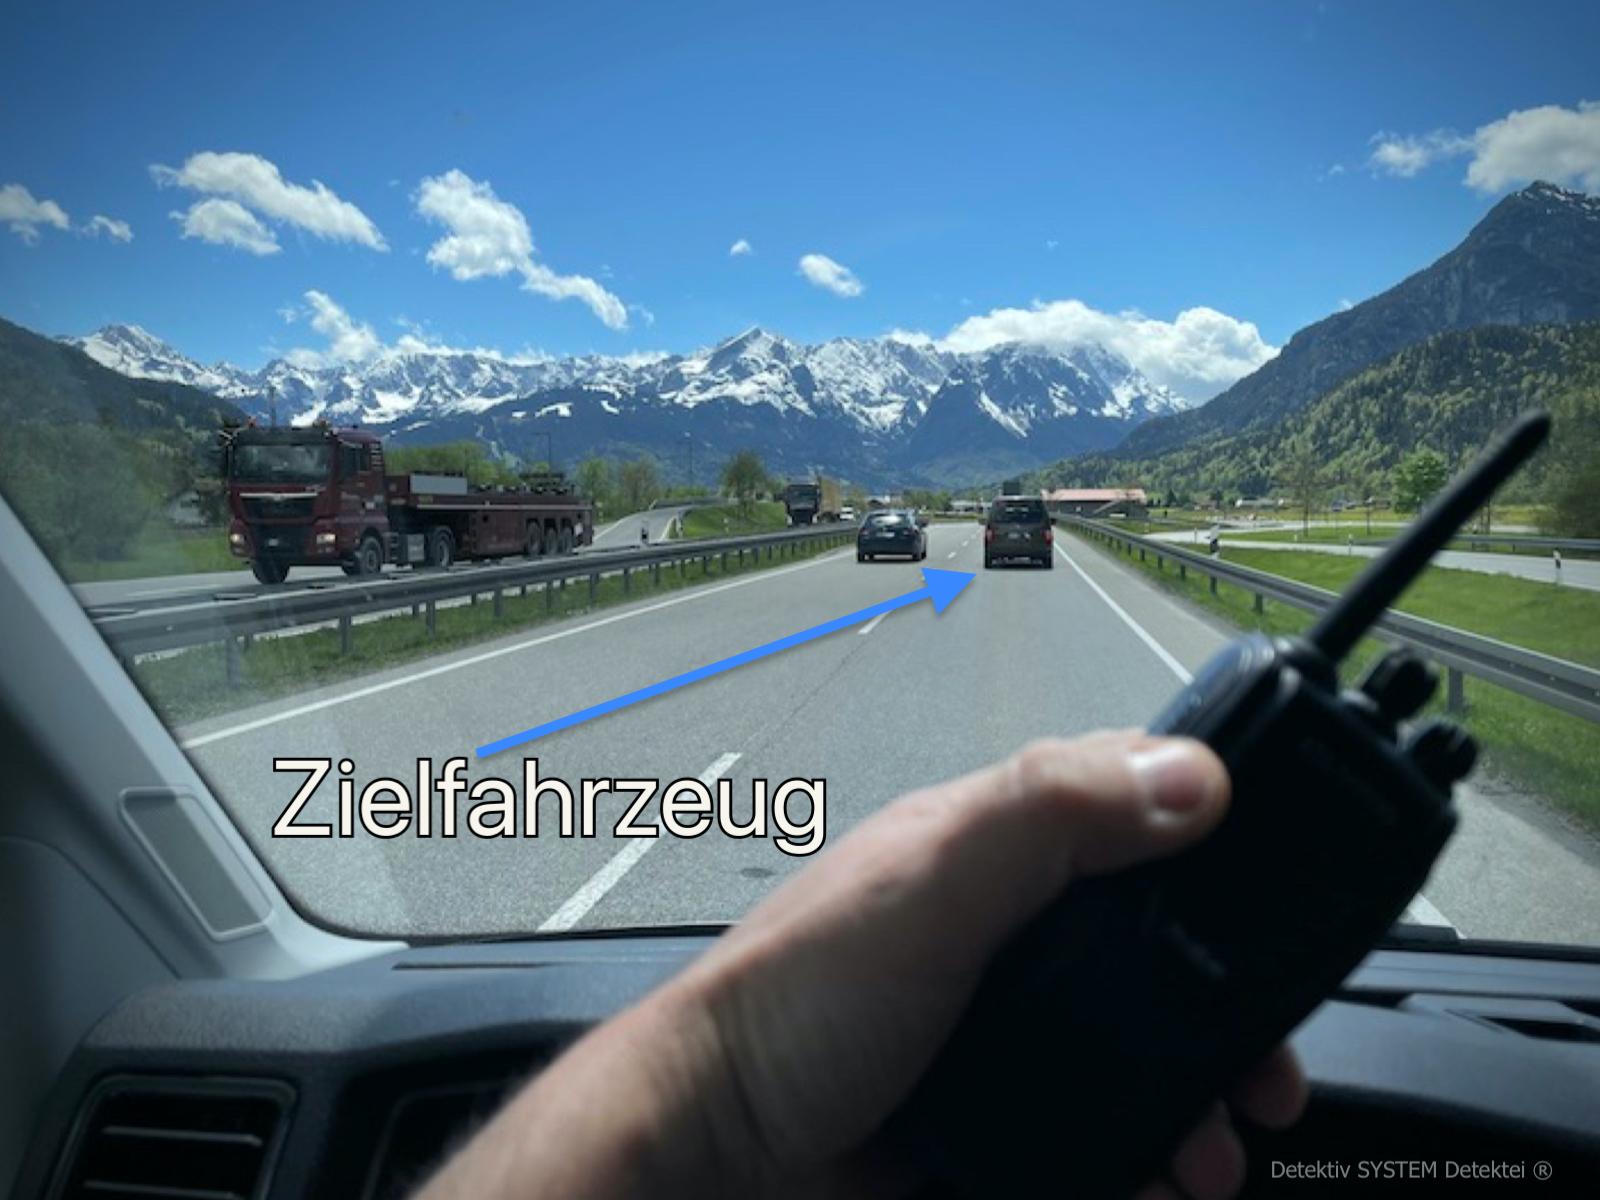 Detektei Observation Garmisch-Partenkirchen